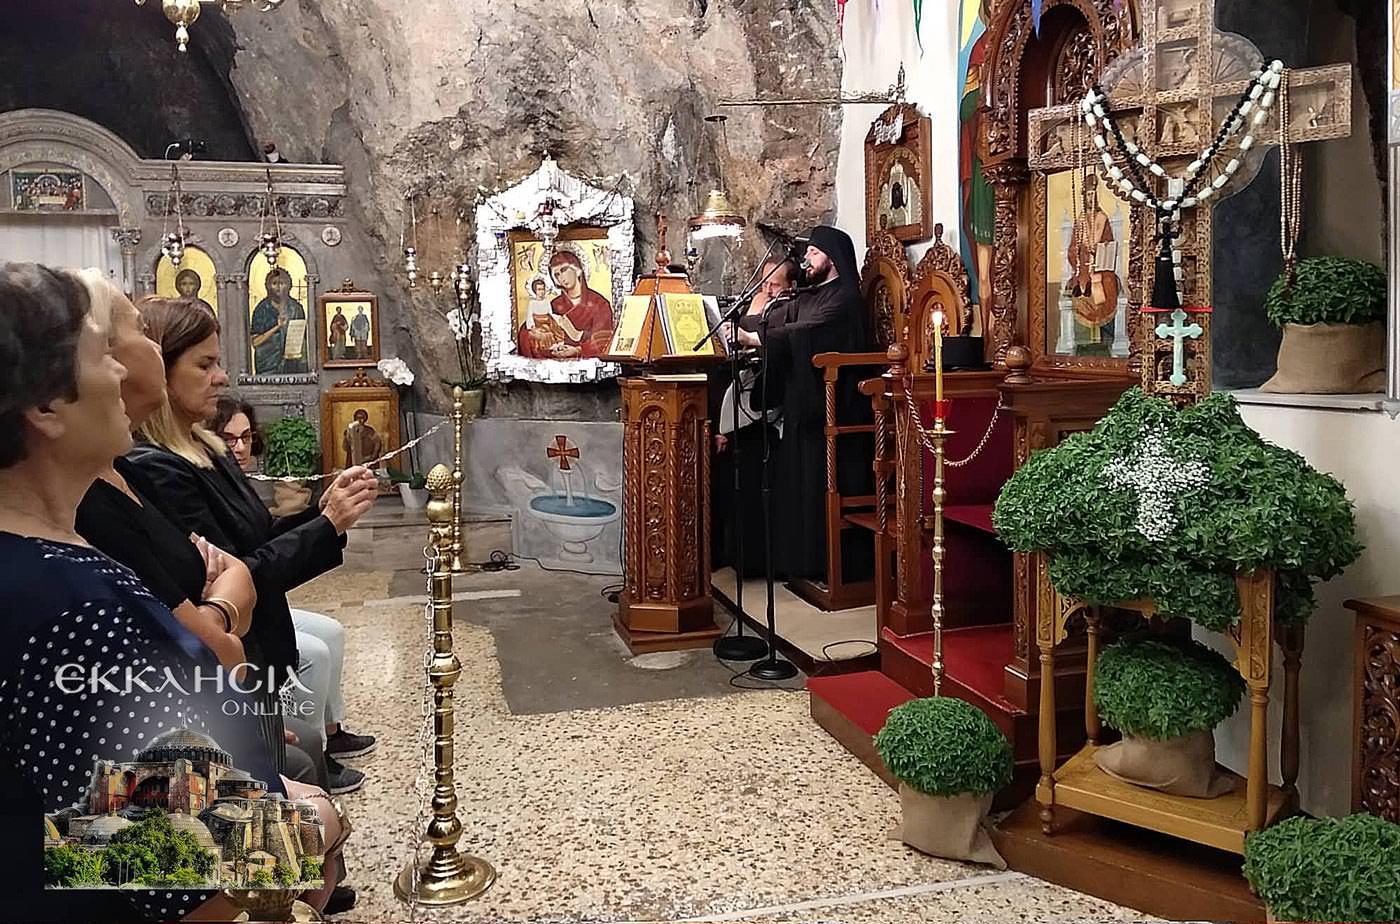 Ιερός Ναός Αγίων Ισιδώρων Τιμίου Σταυρού 2019